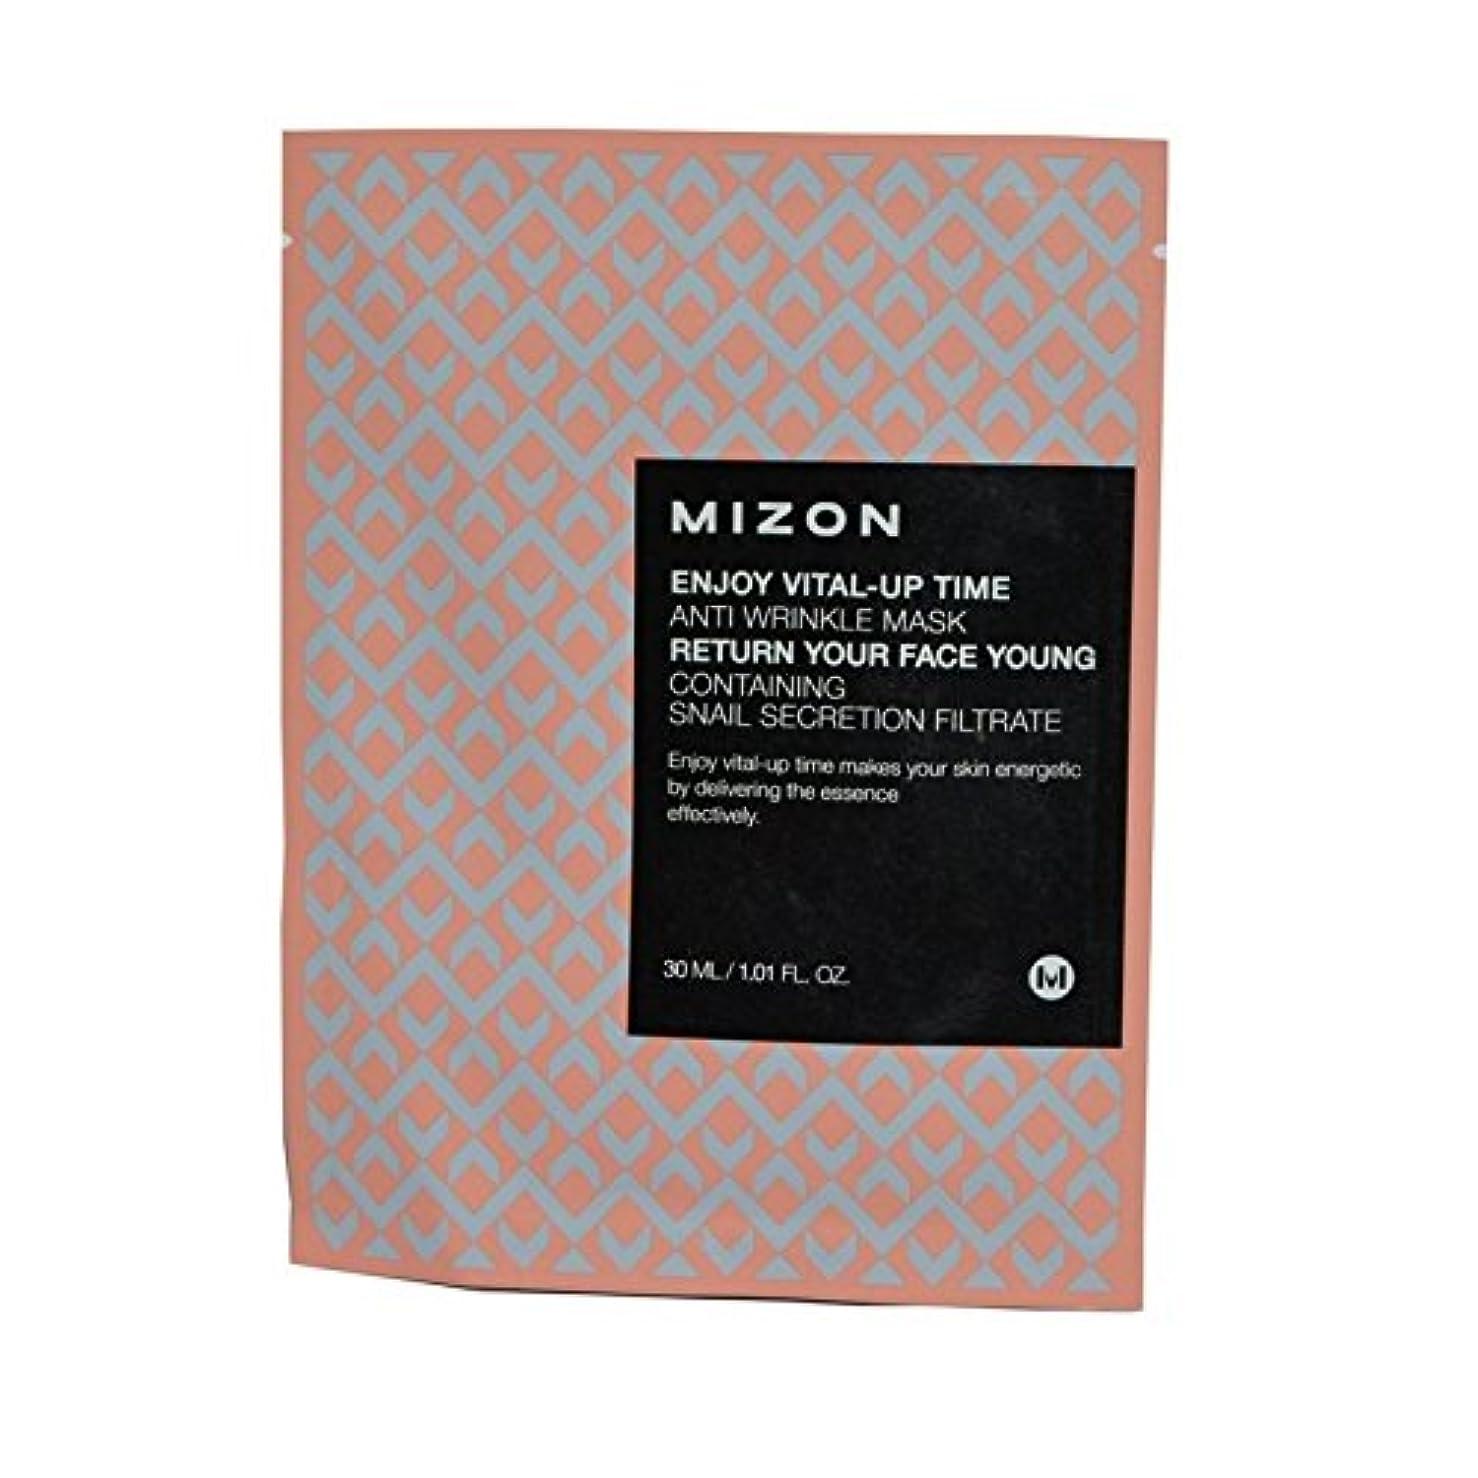 札入れ最少苦Mizon Enjoy Vital Up Time Anti-Wrinkle Mask - が不可欠アップ時間抗しわマスクを楽しみます [並行輸入品]